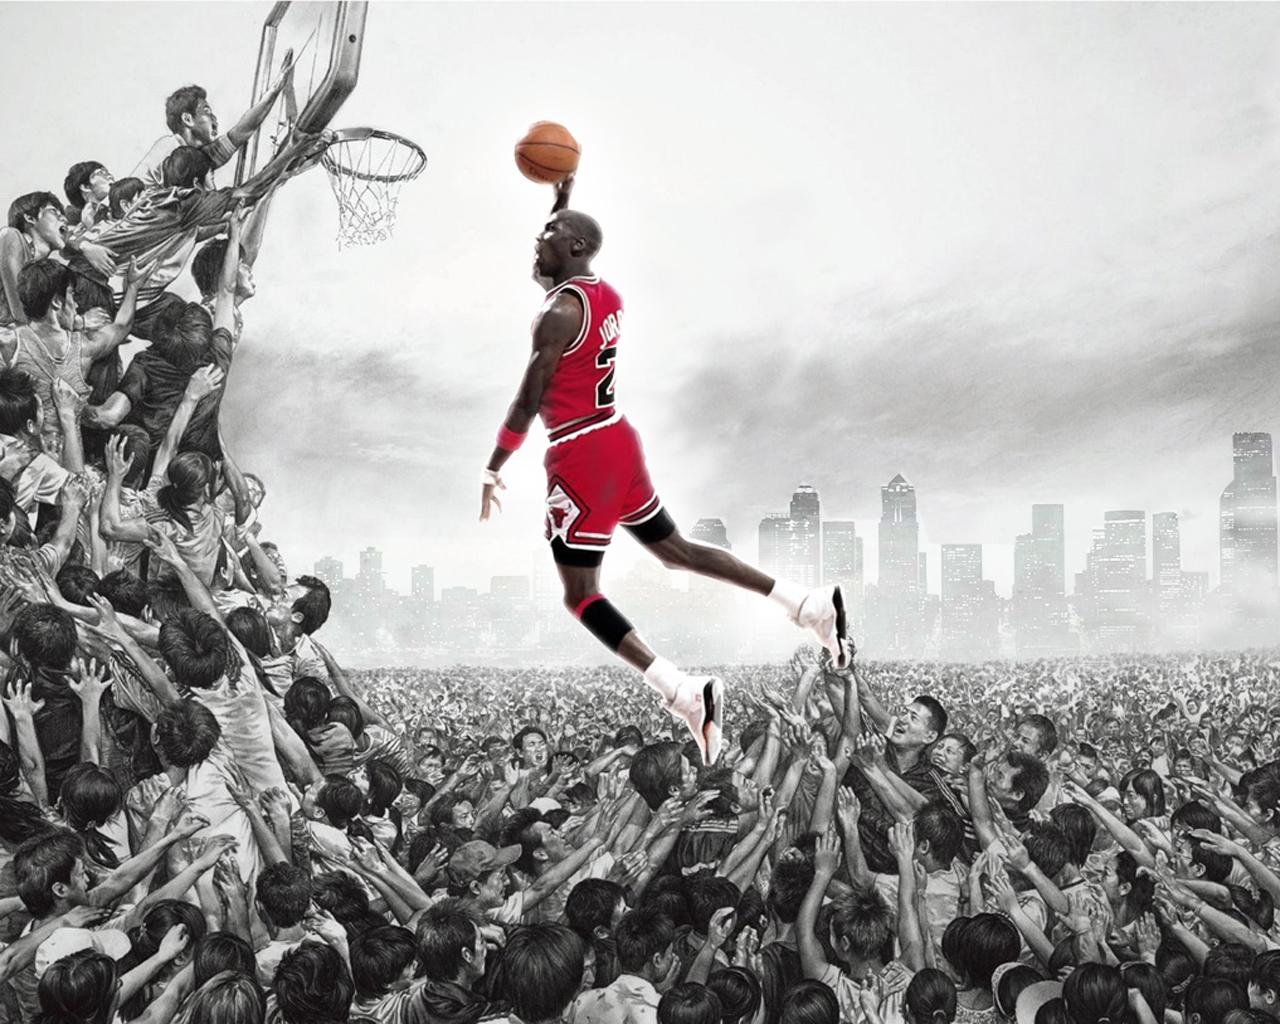 Michael Jordan hd Wallpaper 2011   All About Sports Stars